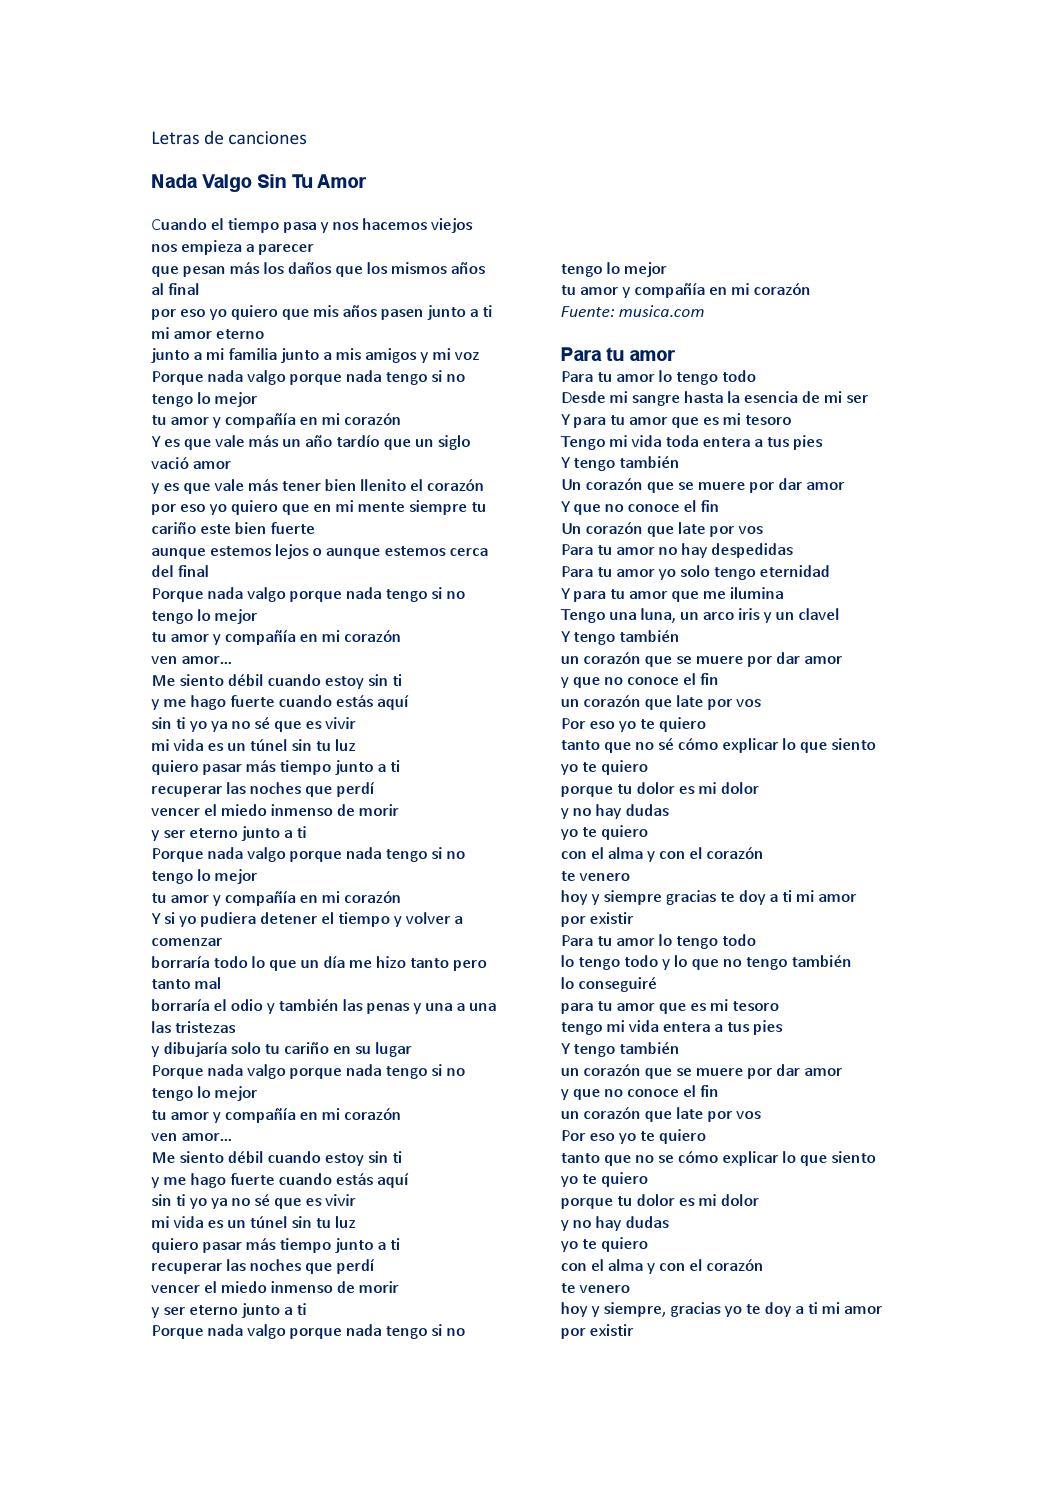 Letras De Canciones Ejercicios Para Movie Maker By Alexandra Del Pilar Cifuentes Valencia Issuu